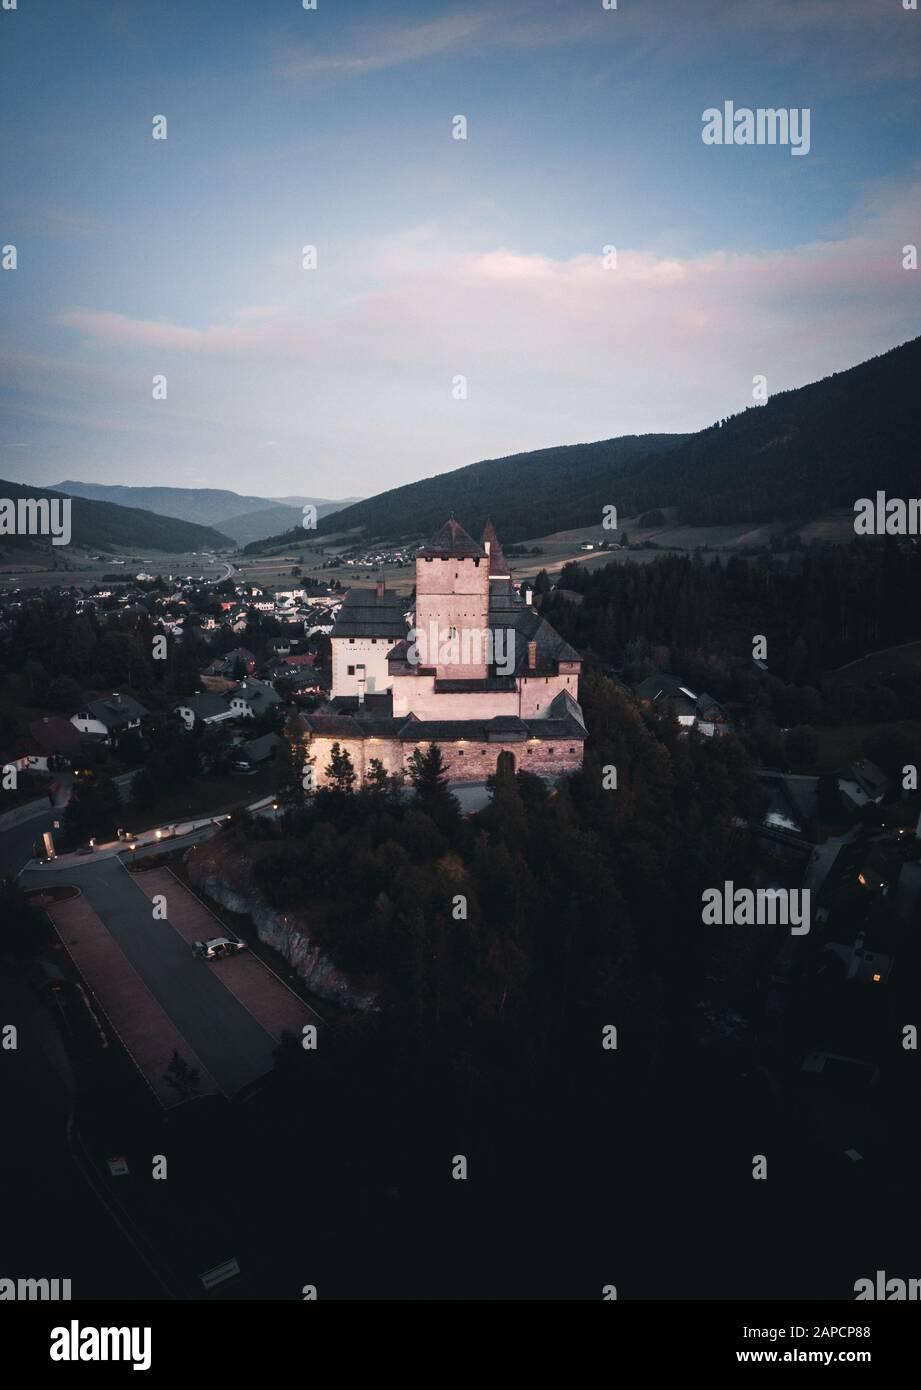 Panorama vertical de Burg Mauterndorf (château de Mauterndorf), Salzbourg, Autriche Banque D'Images